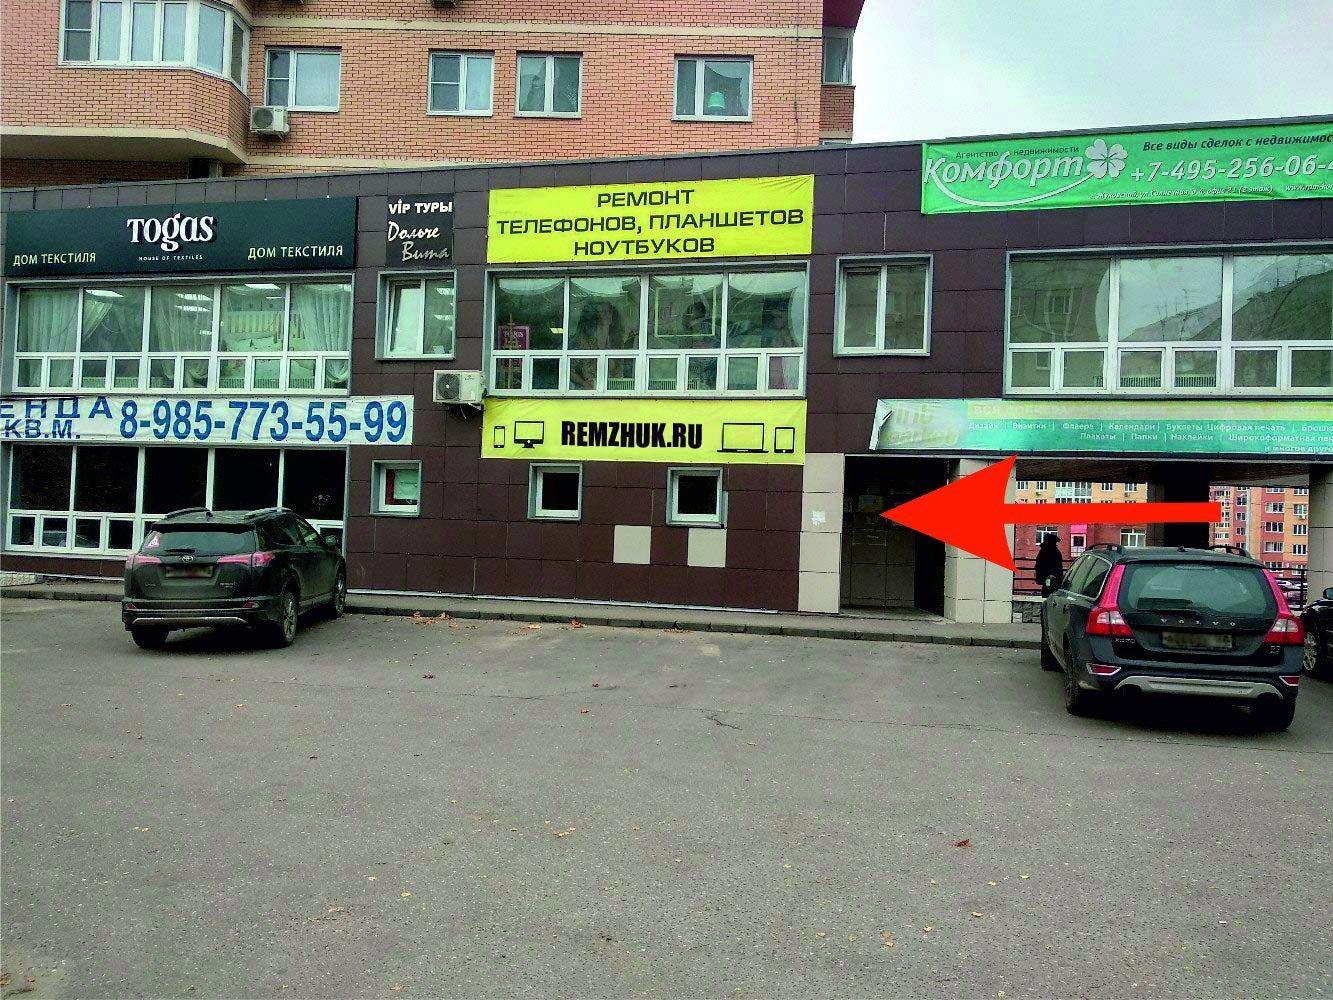 фотография Сервисного центра Remzhuk в Жуковском